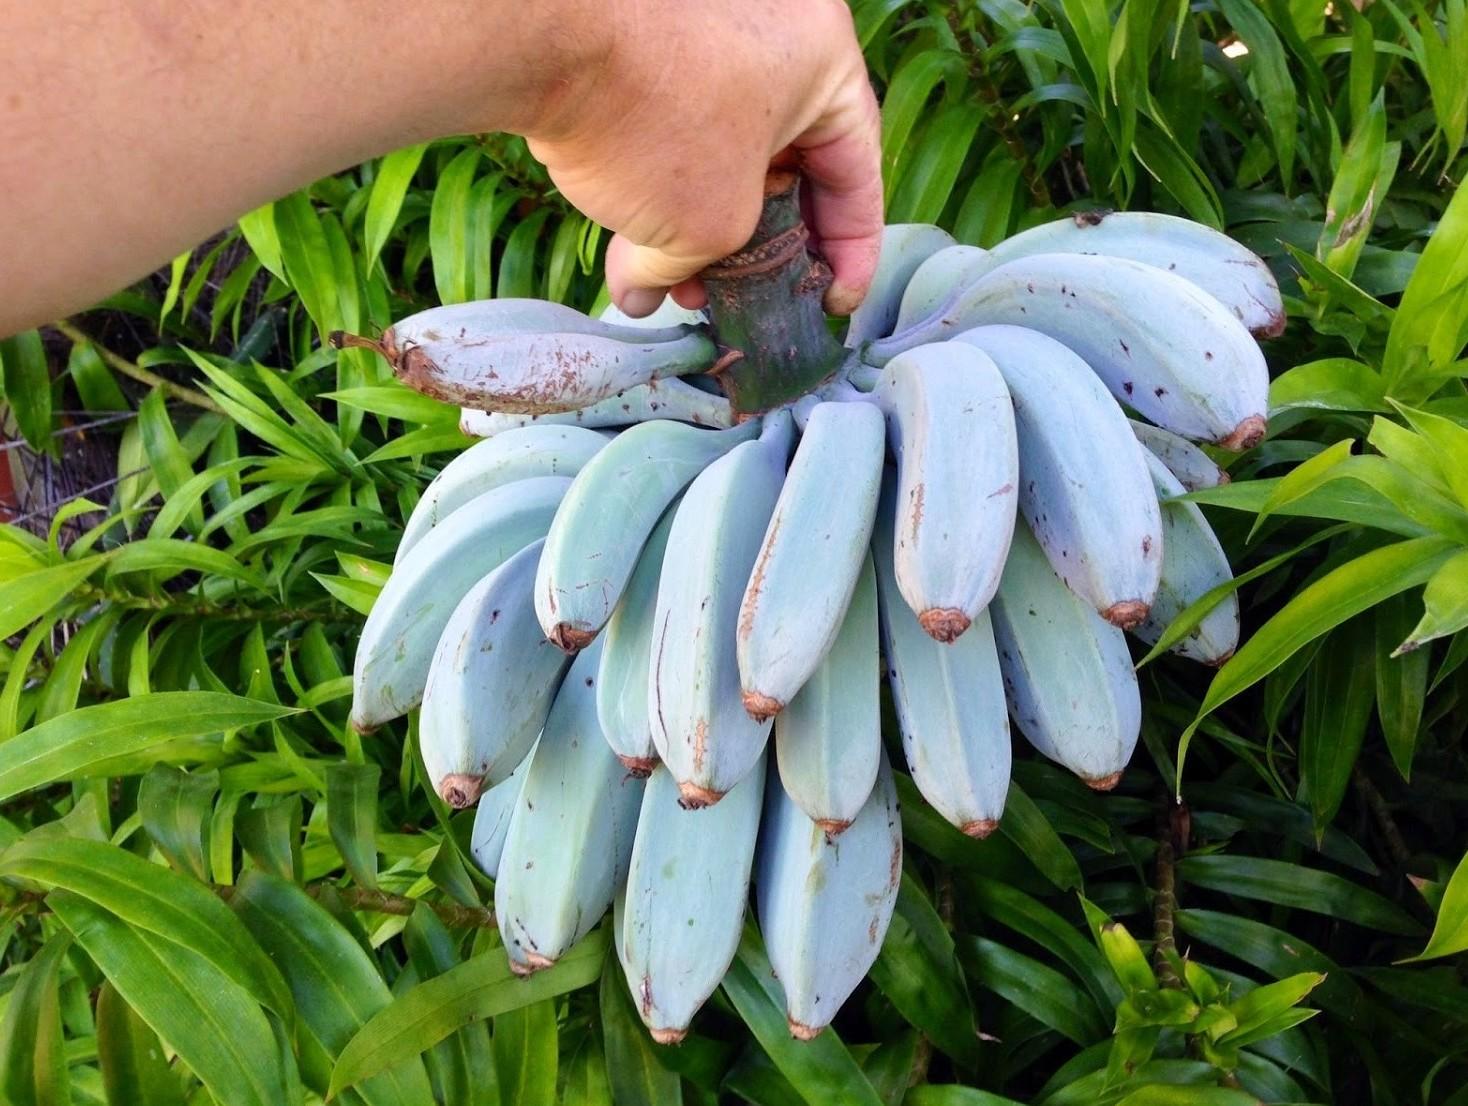 Banana azzurra, al gusto di gelato. Si p